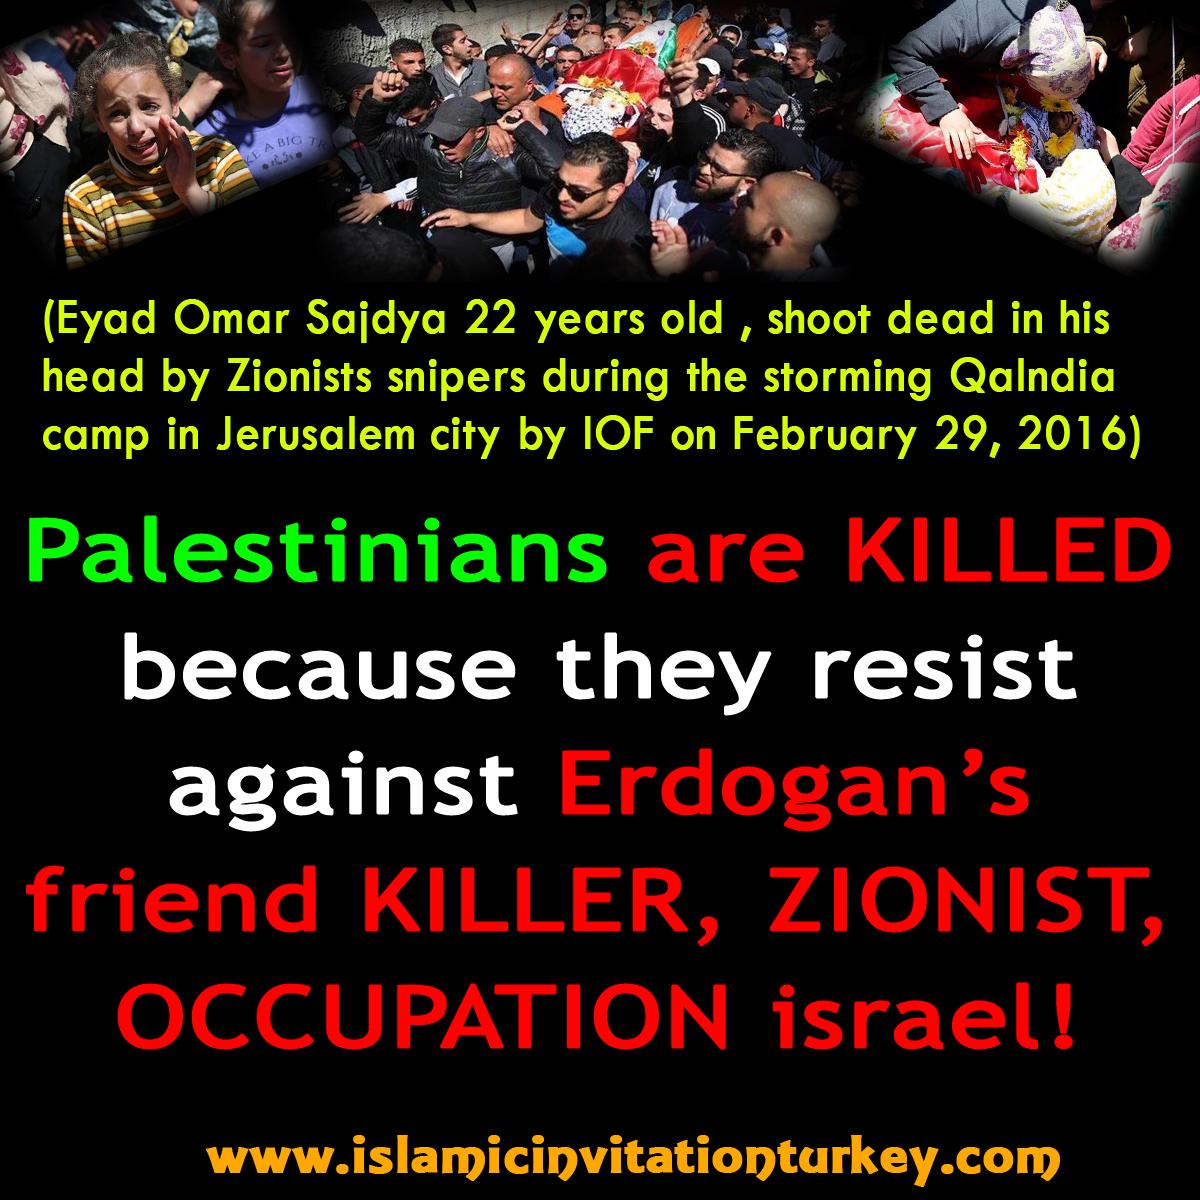 palestine resist